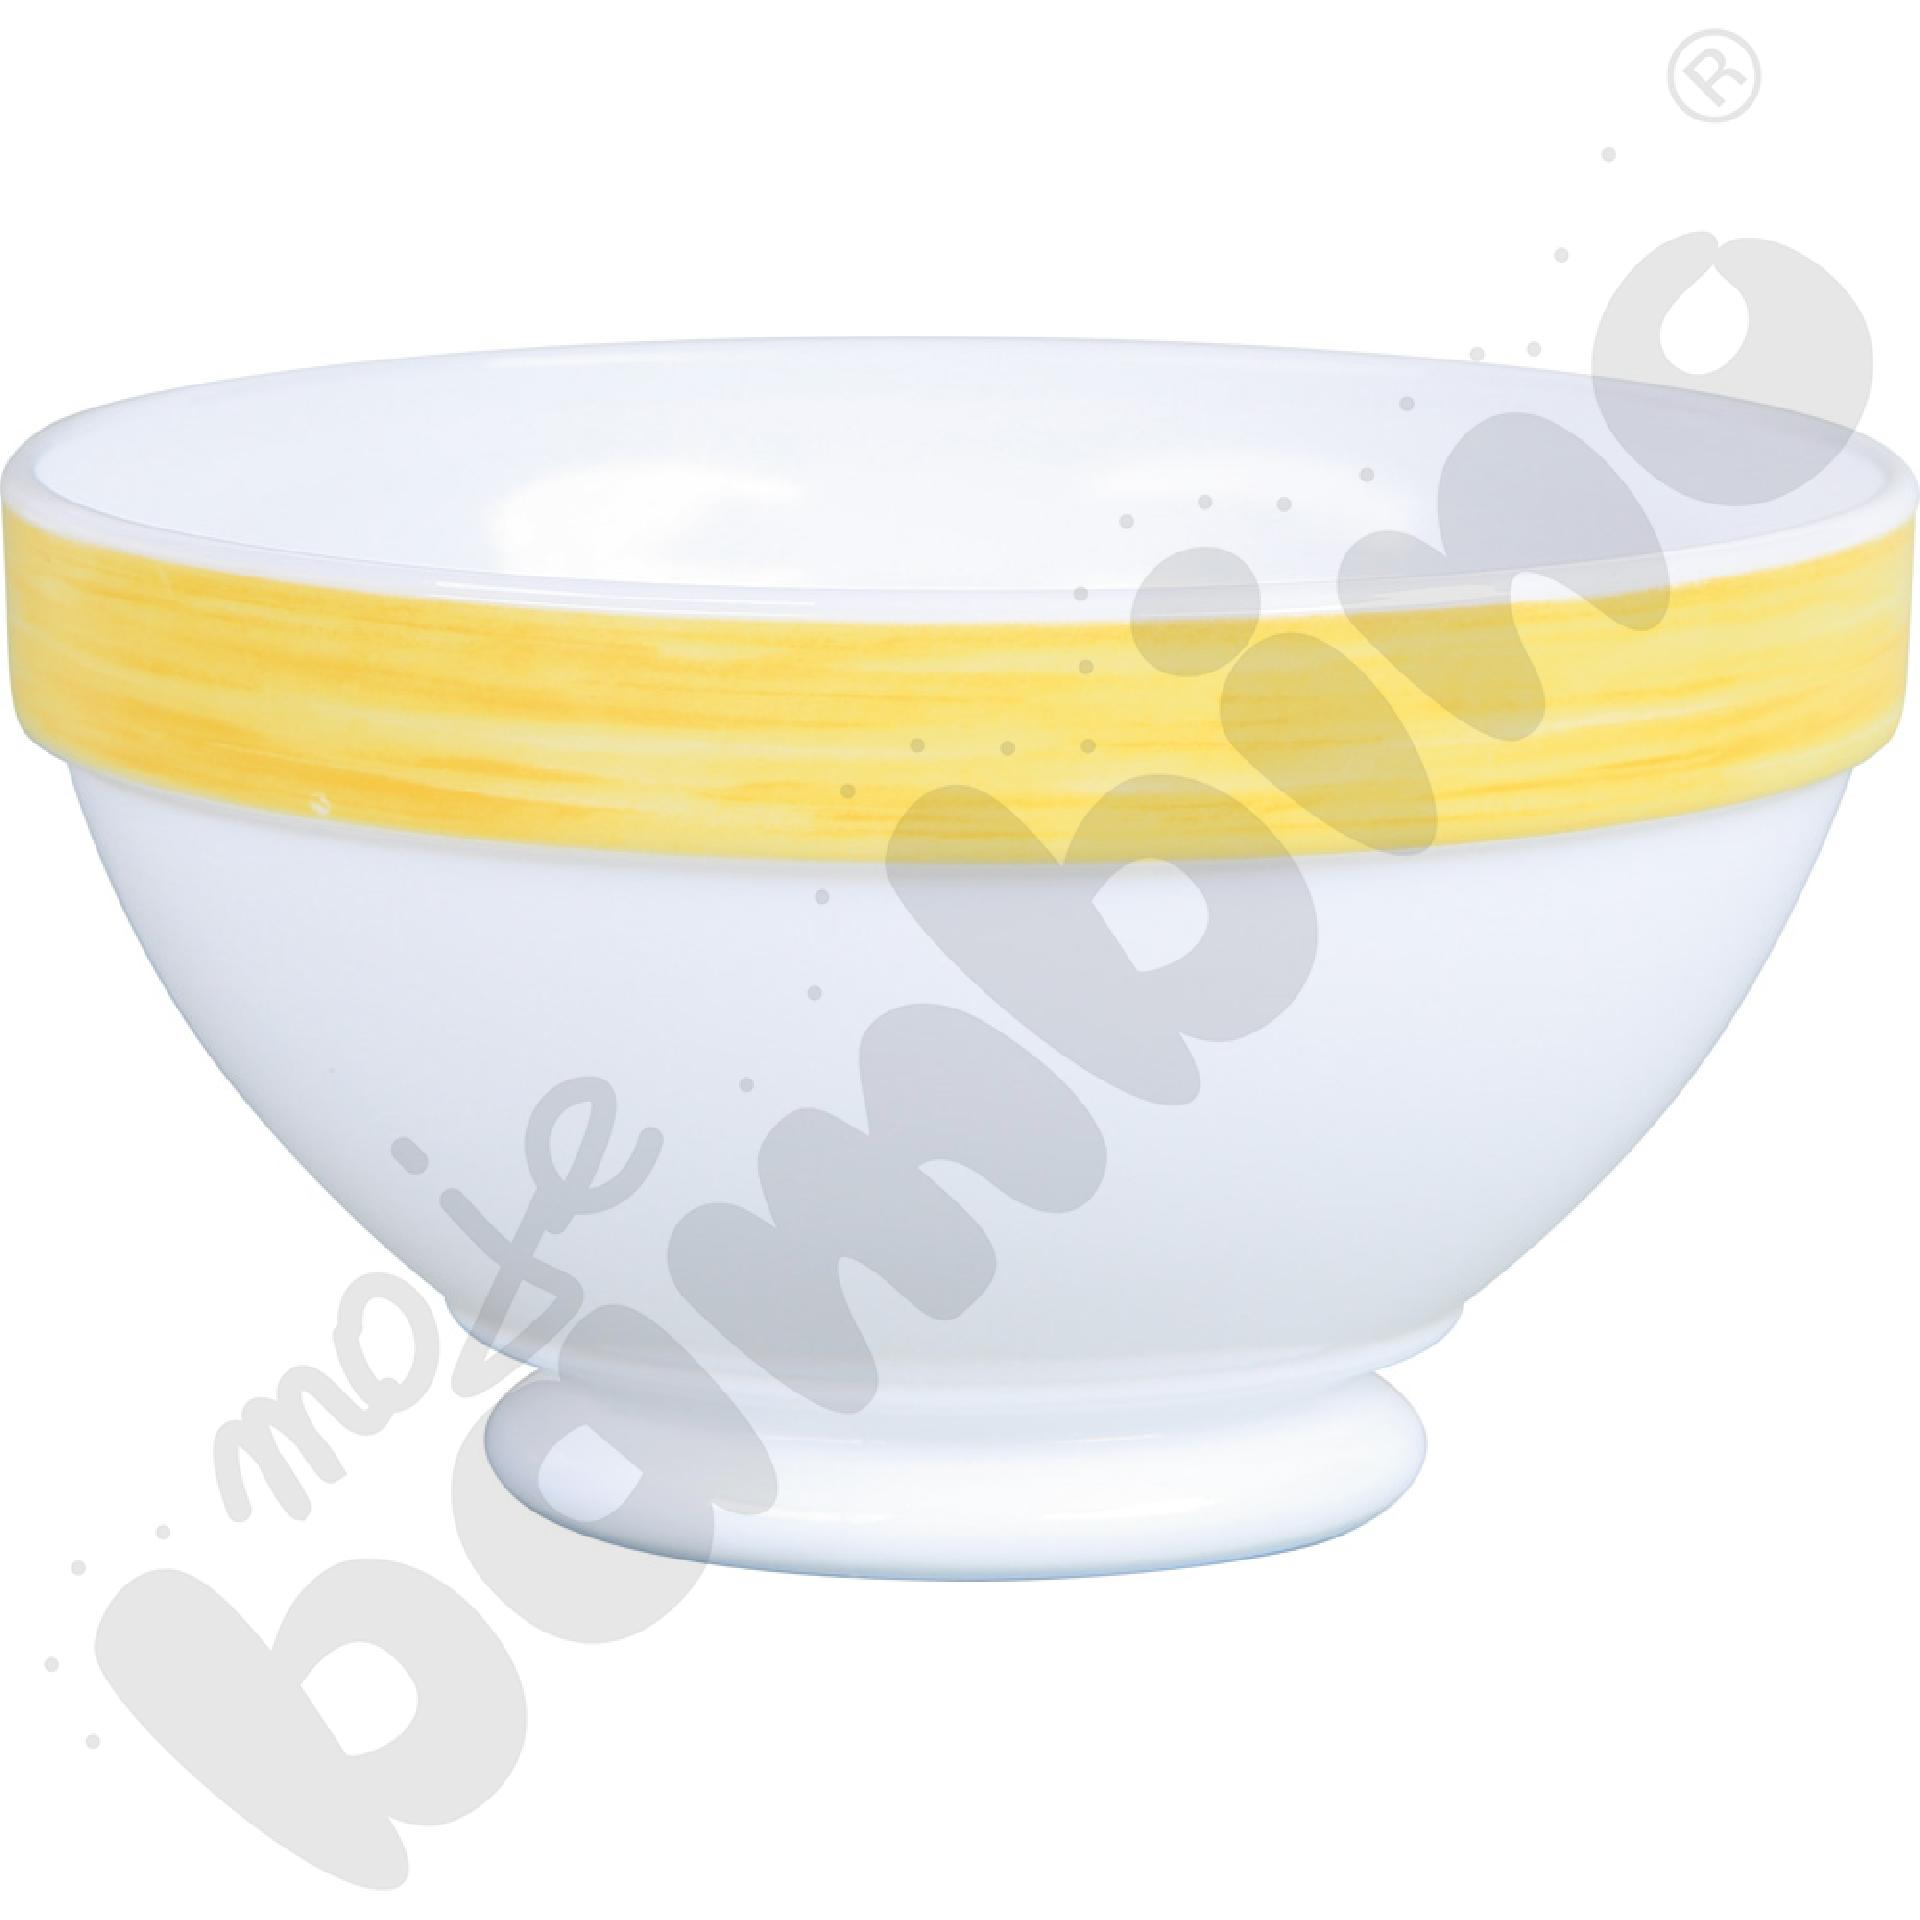 Miseczka obiadowa Brush - żółta